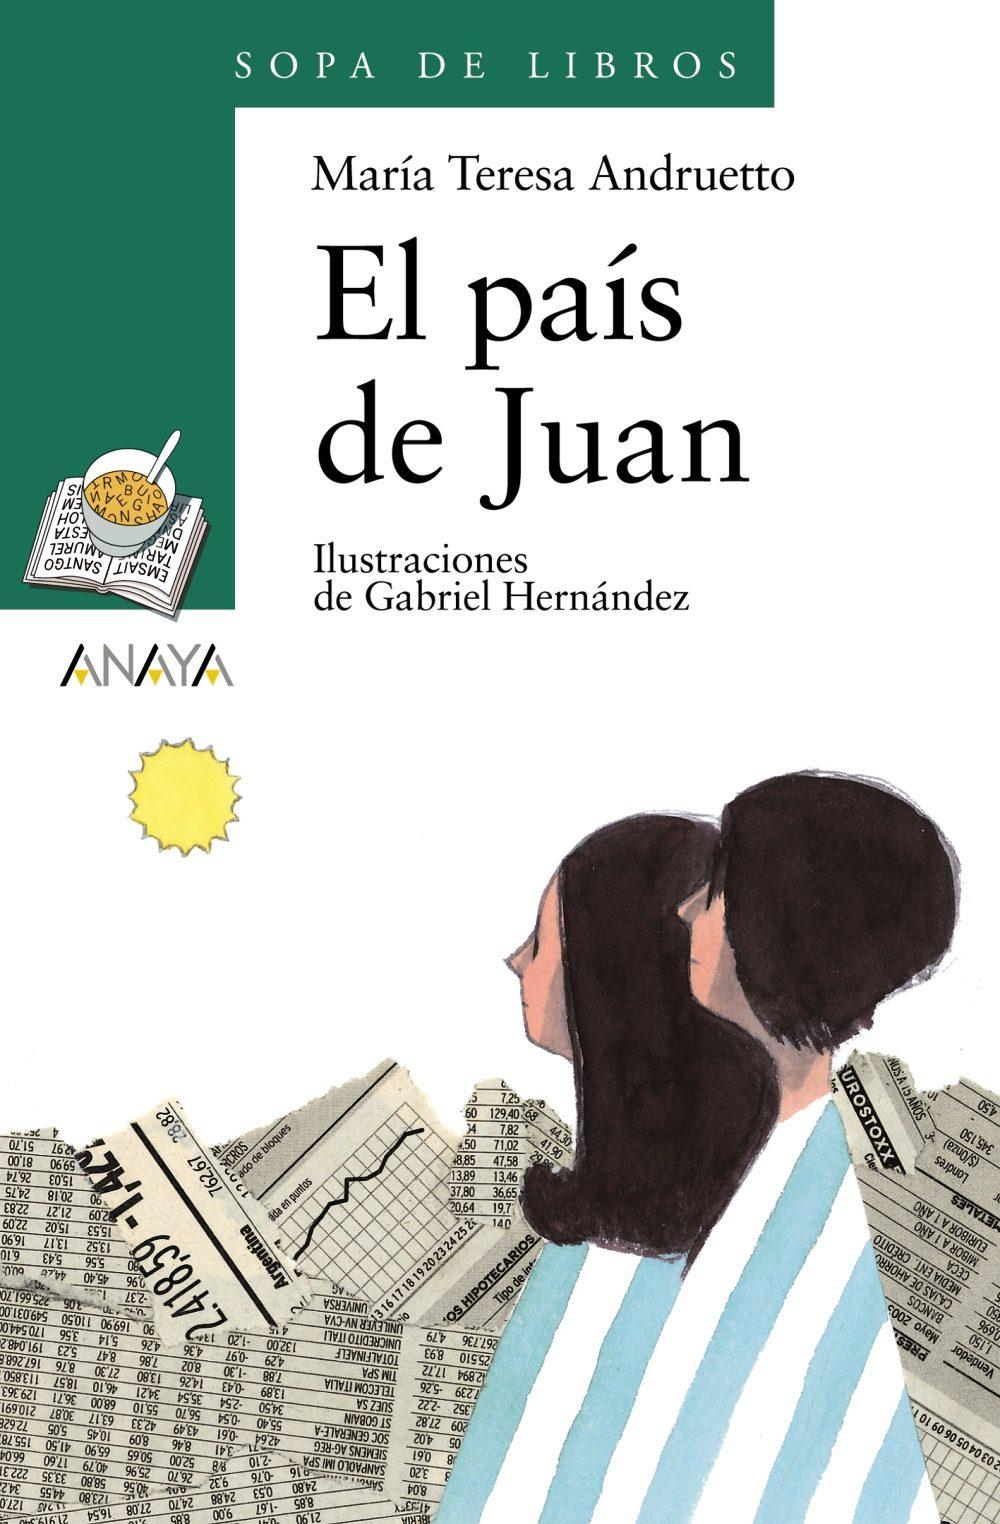 Juan's Country ( El país de juan)